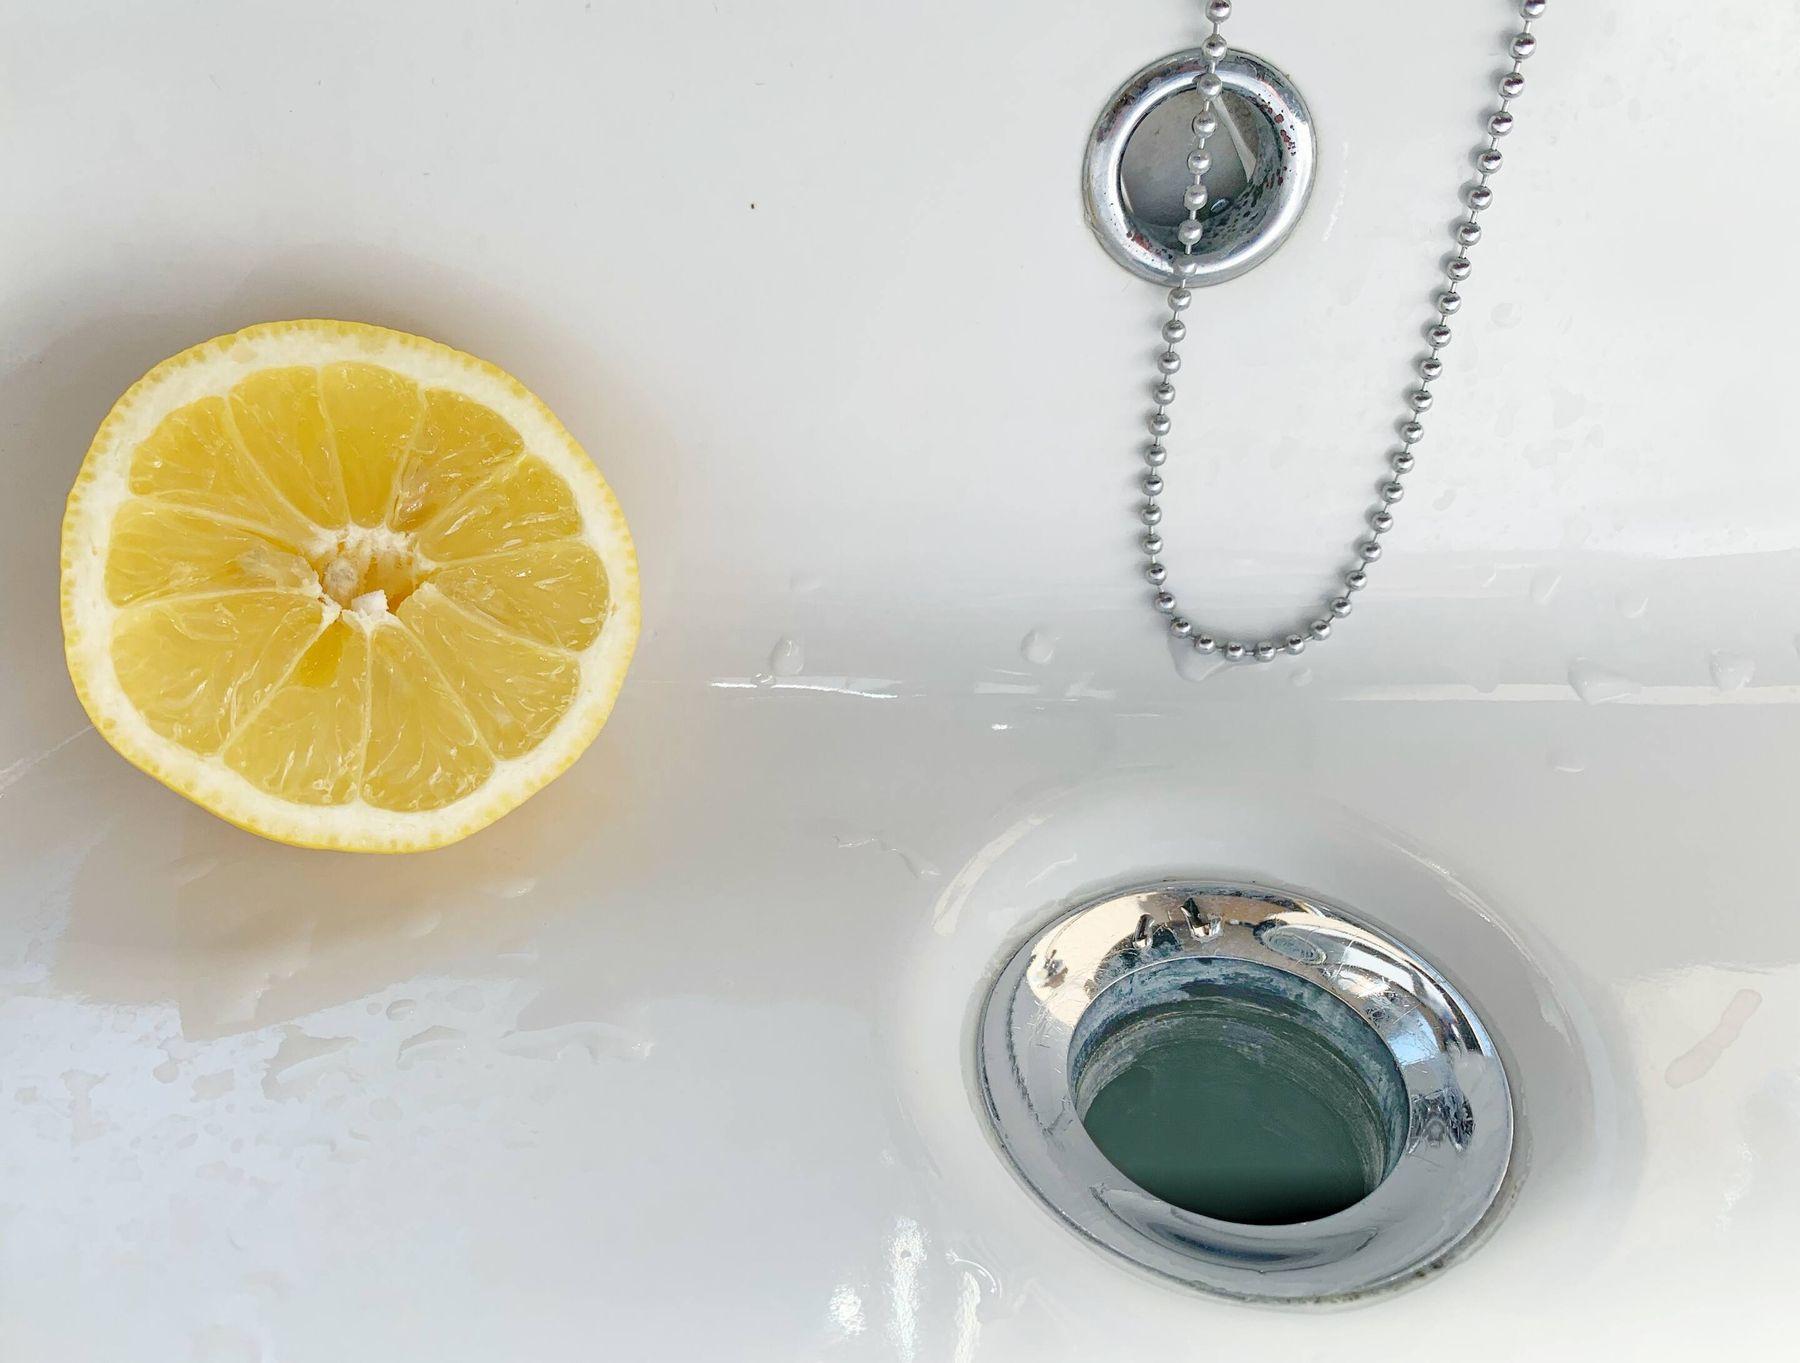 half lemon in the bathroom sink